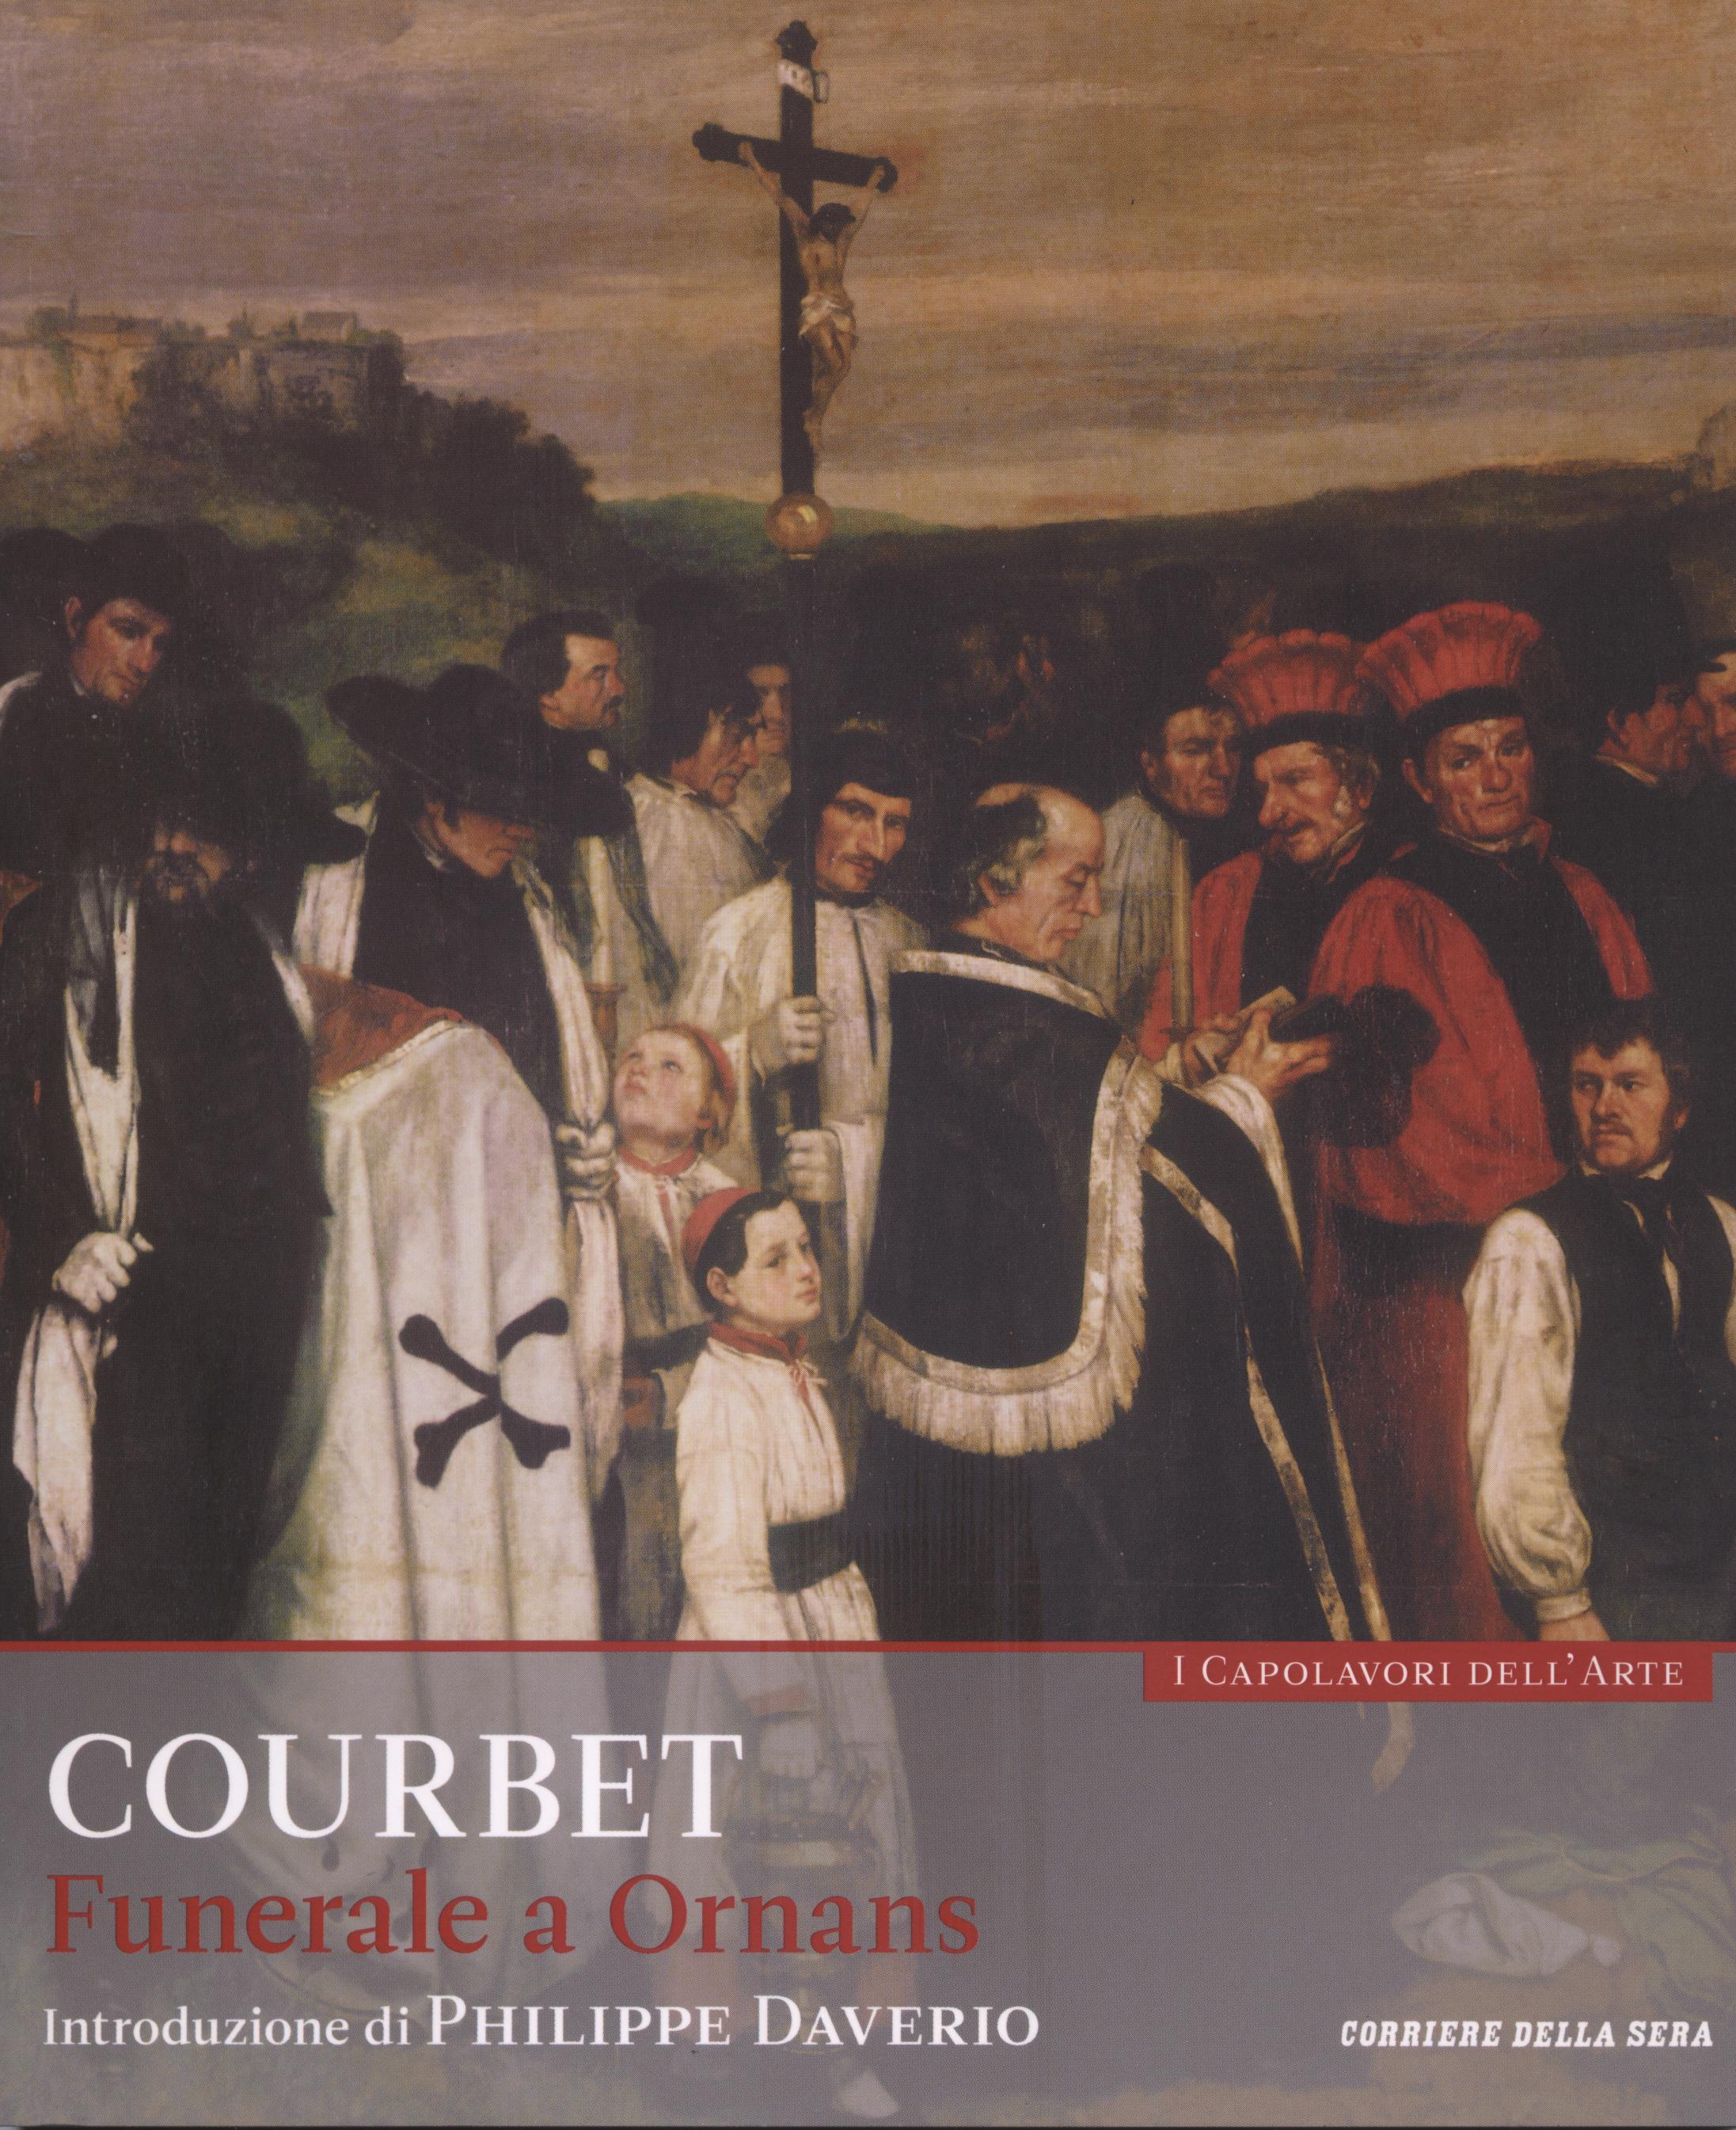 Courbet - Funerale a Ornans